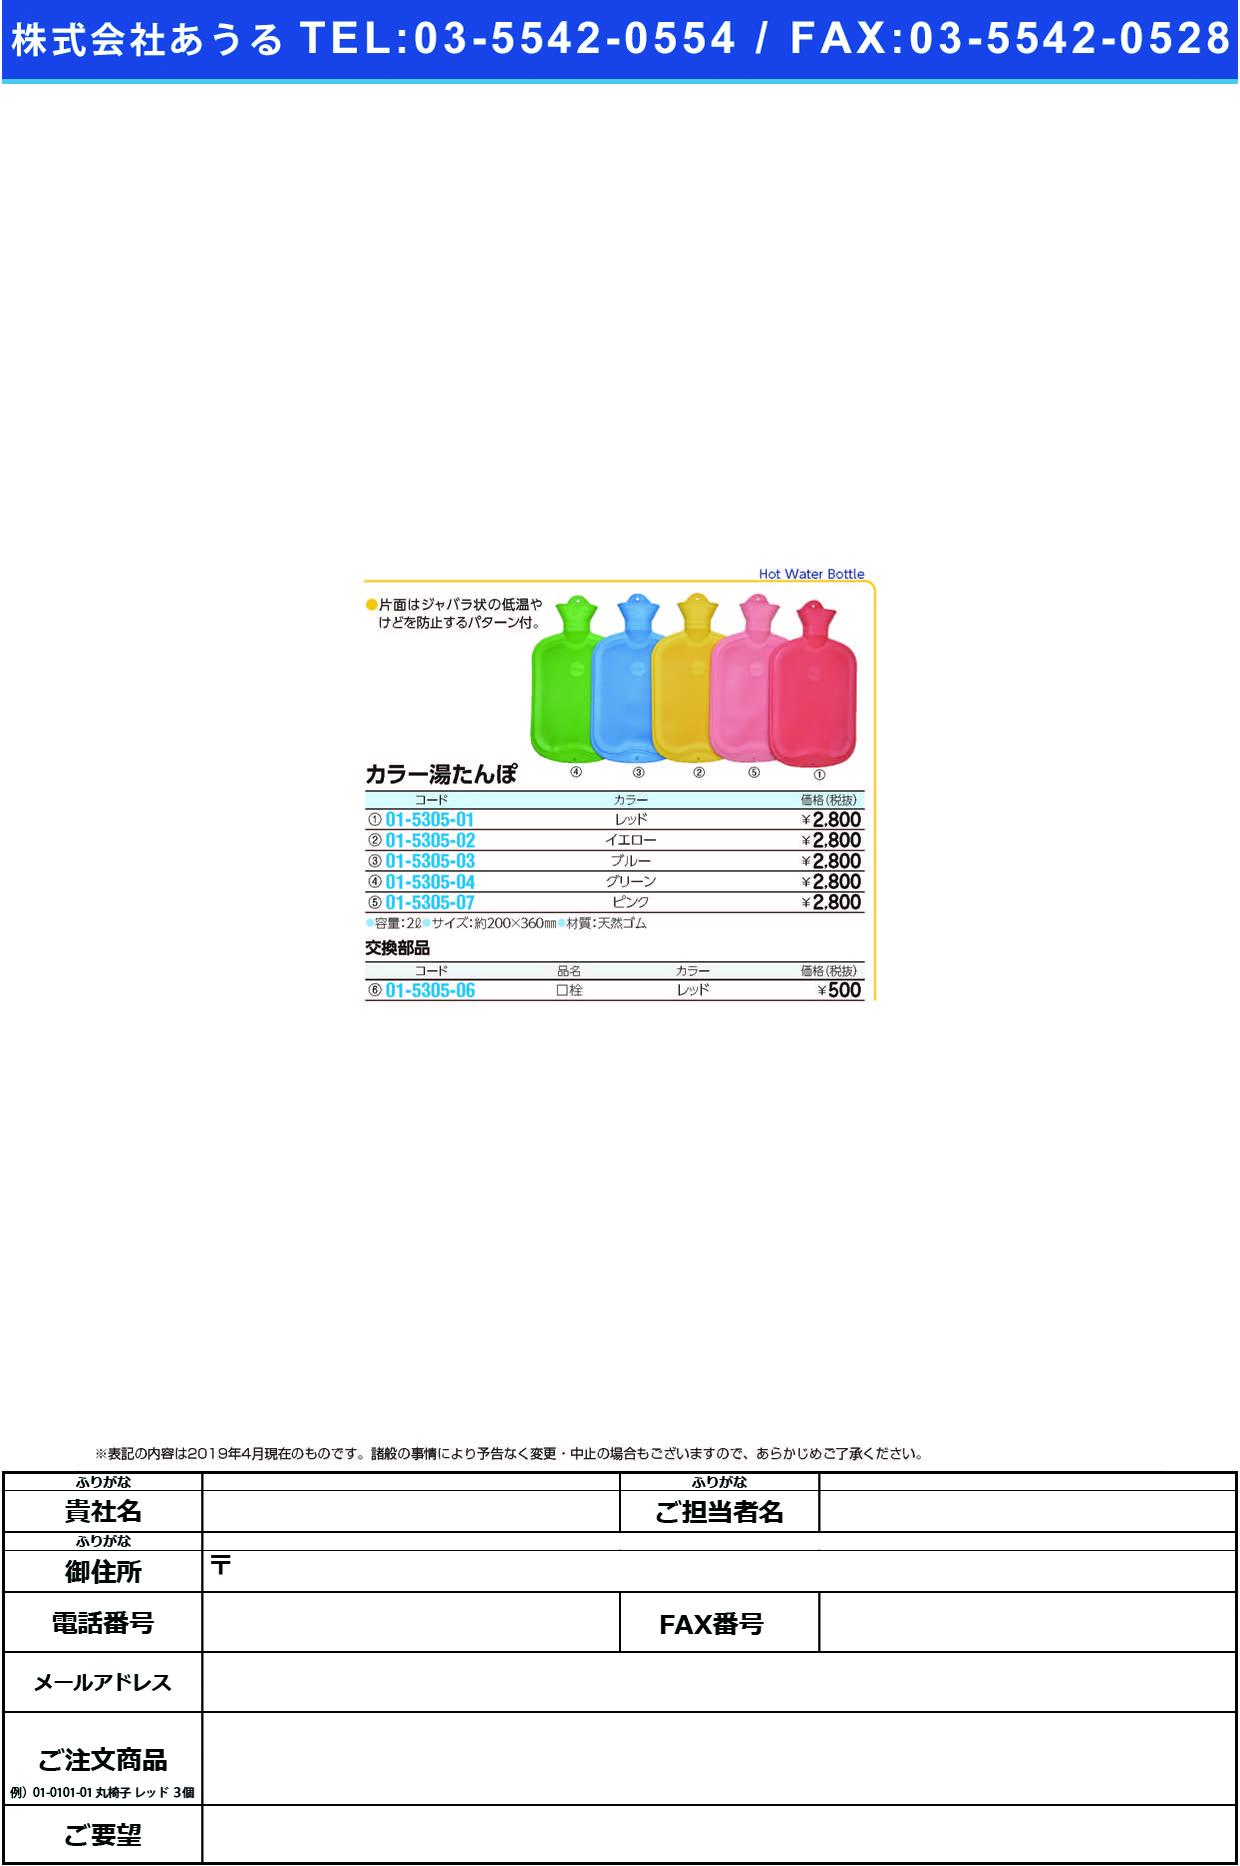 (01-5305-01)カラー湯たんぽ(レッド) 2000CC カラーユタンポ(レッド)【1個単位】【2019年カタログ商品】